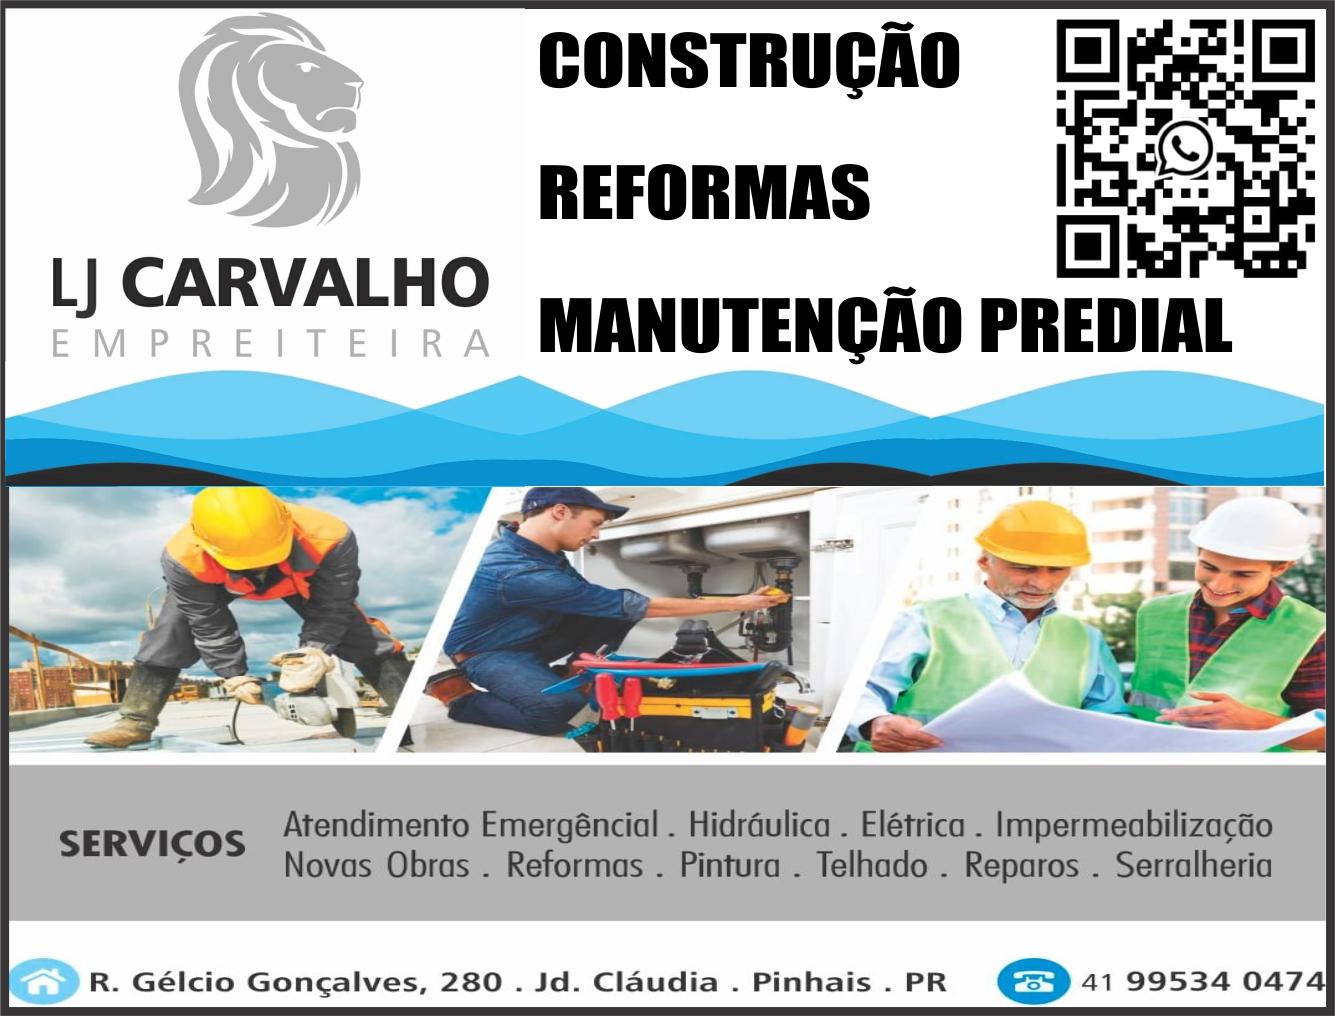 LJ Carvalho Empreiteira      RUA Gélcio Gonçalves , 280, PINHAIS - PR  Fones: (41) 9953-4047 /